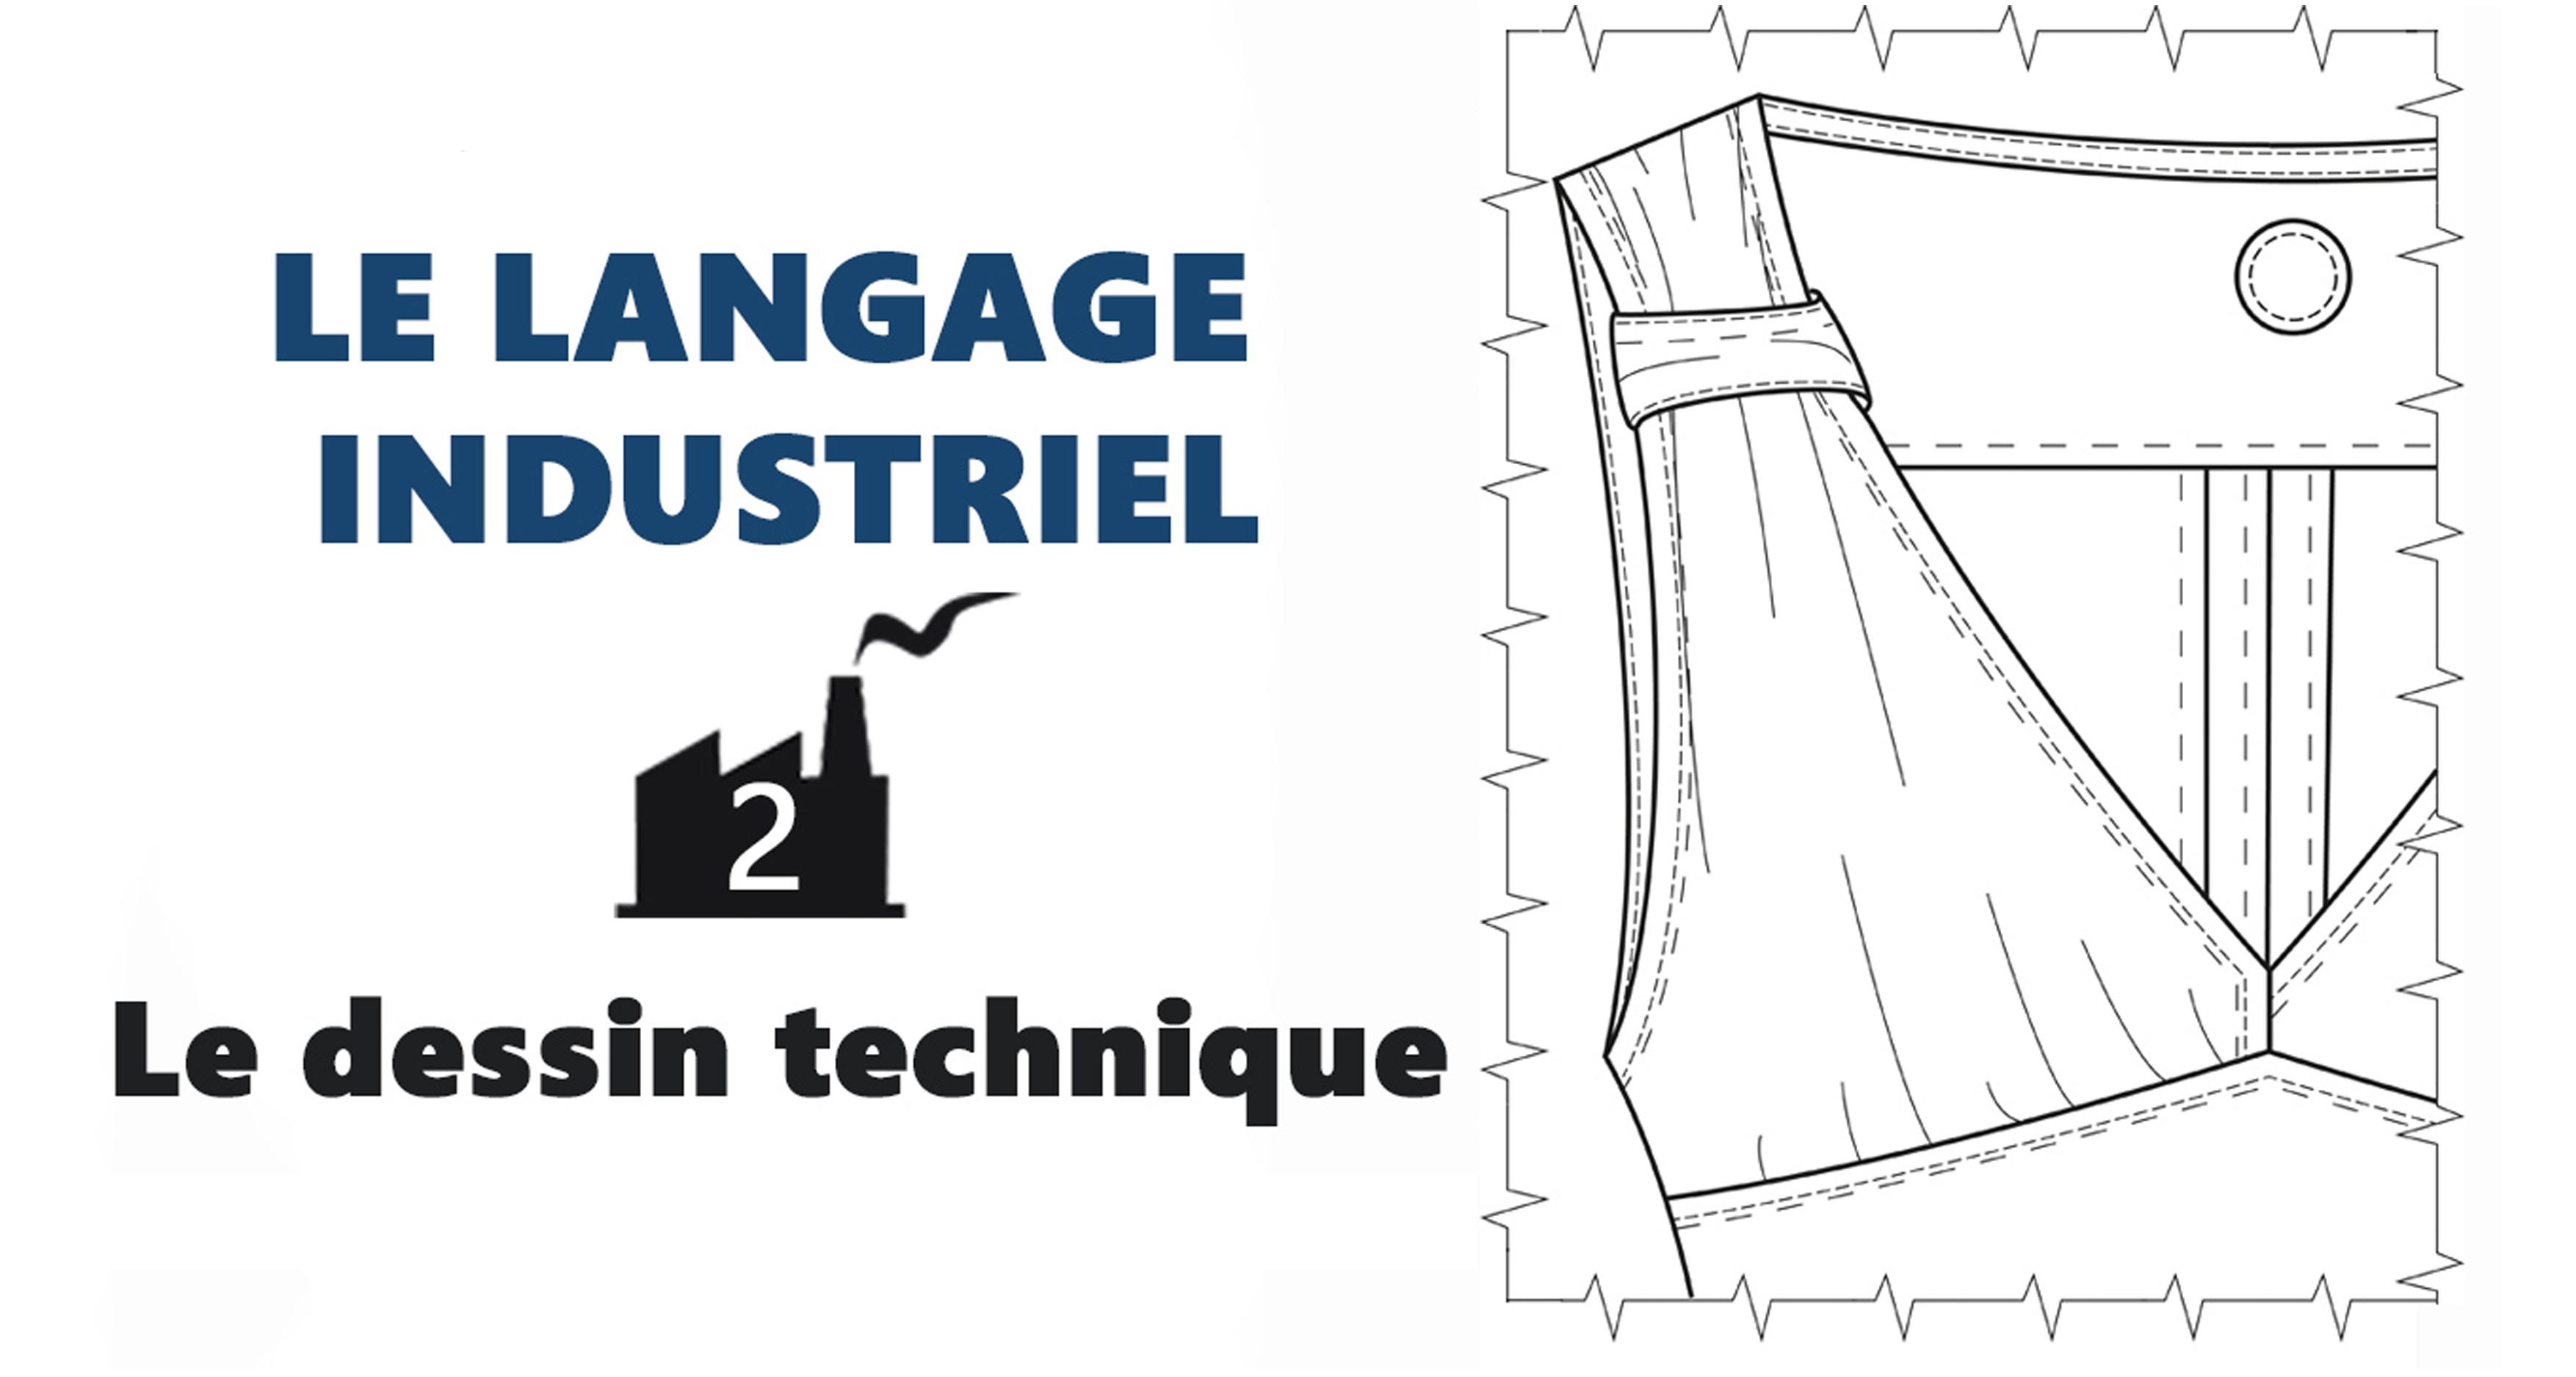 Modélisme de mode: Le langage industriel - le dessin technique